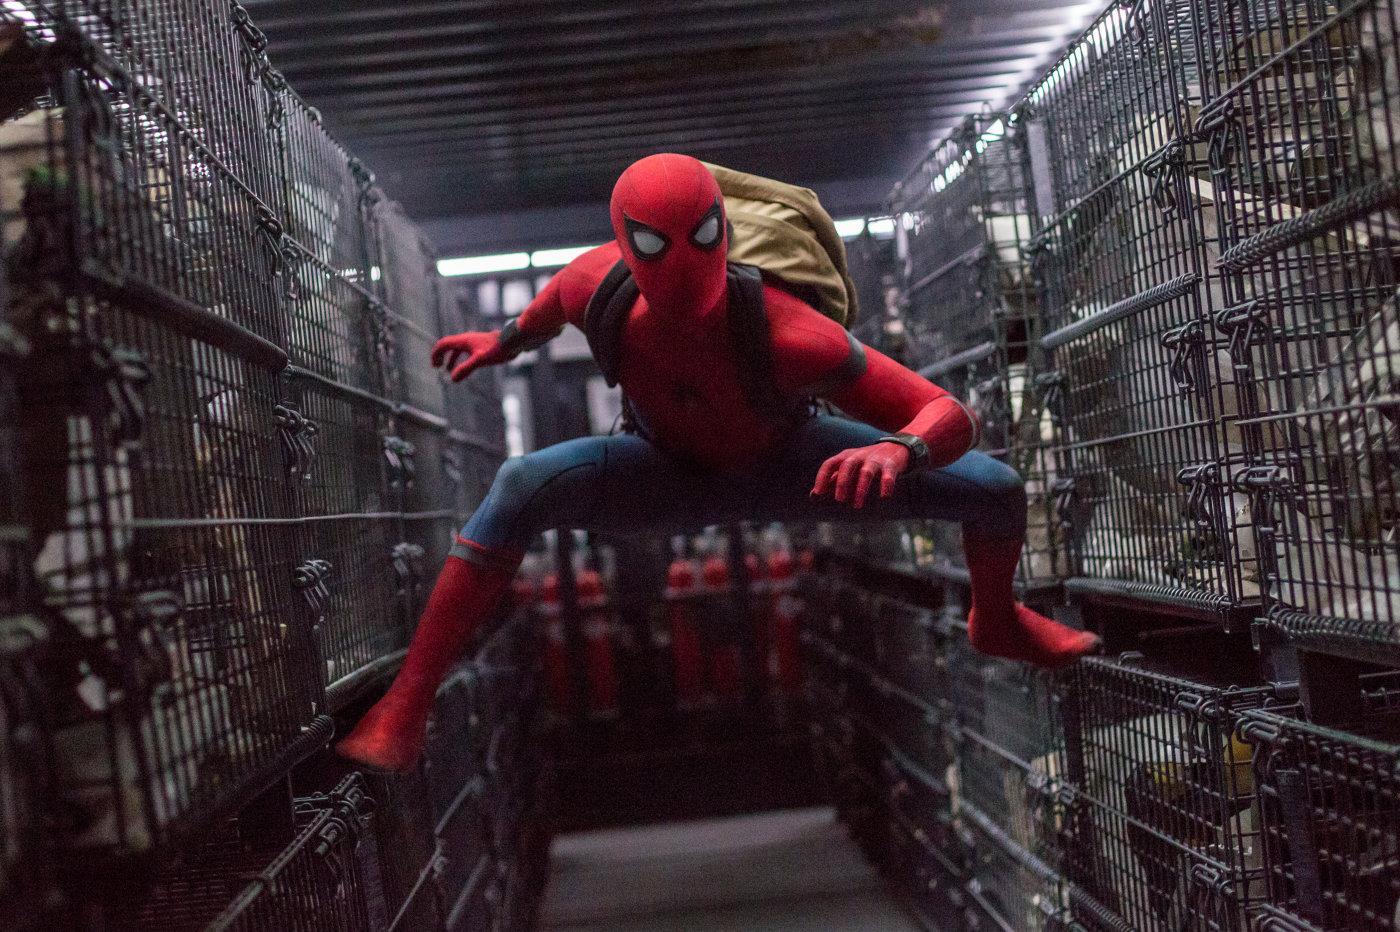 Критики наввипередки розхвалили новий фільм про Людину-павука, назвавши стрічку смішною та